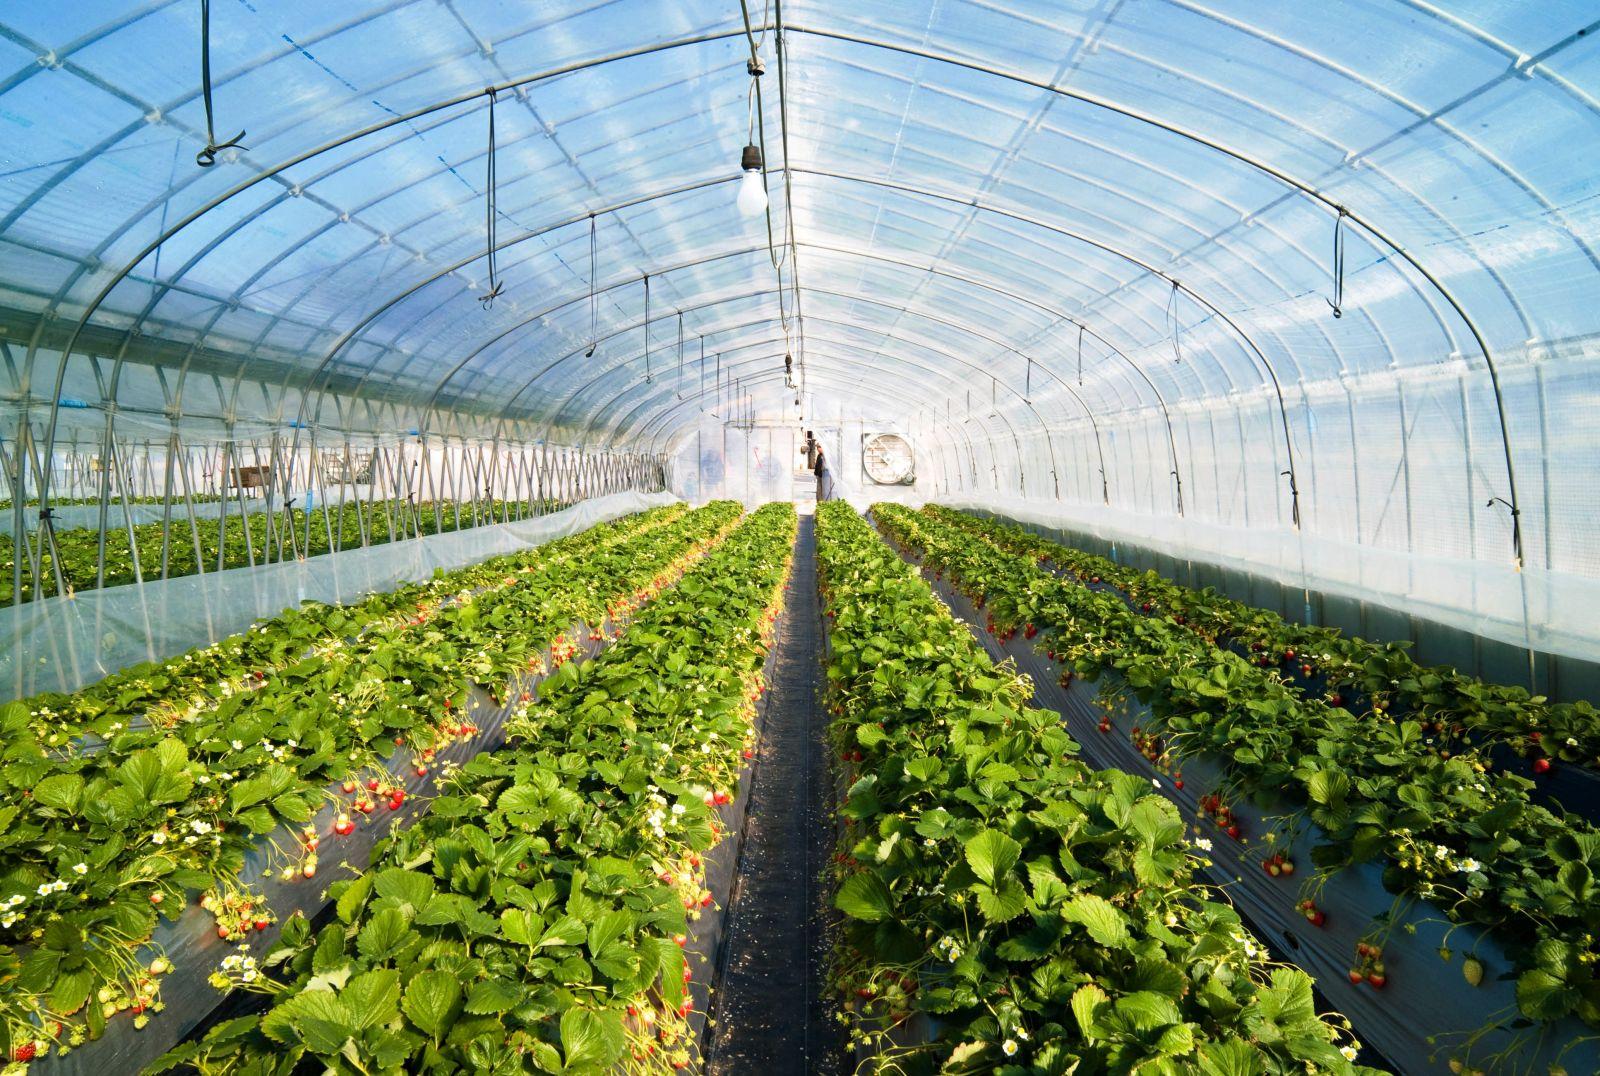 тепличный комплекс выращивания клубники сорта Elsanta (Голландия) в закрытом грунте площадью 0,5 га